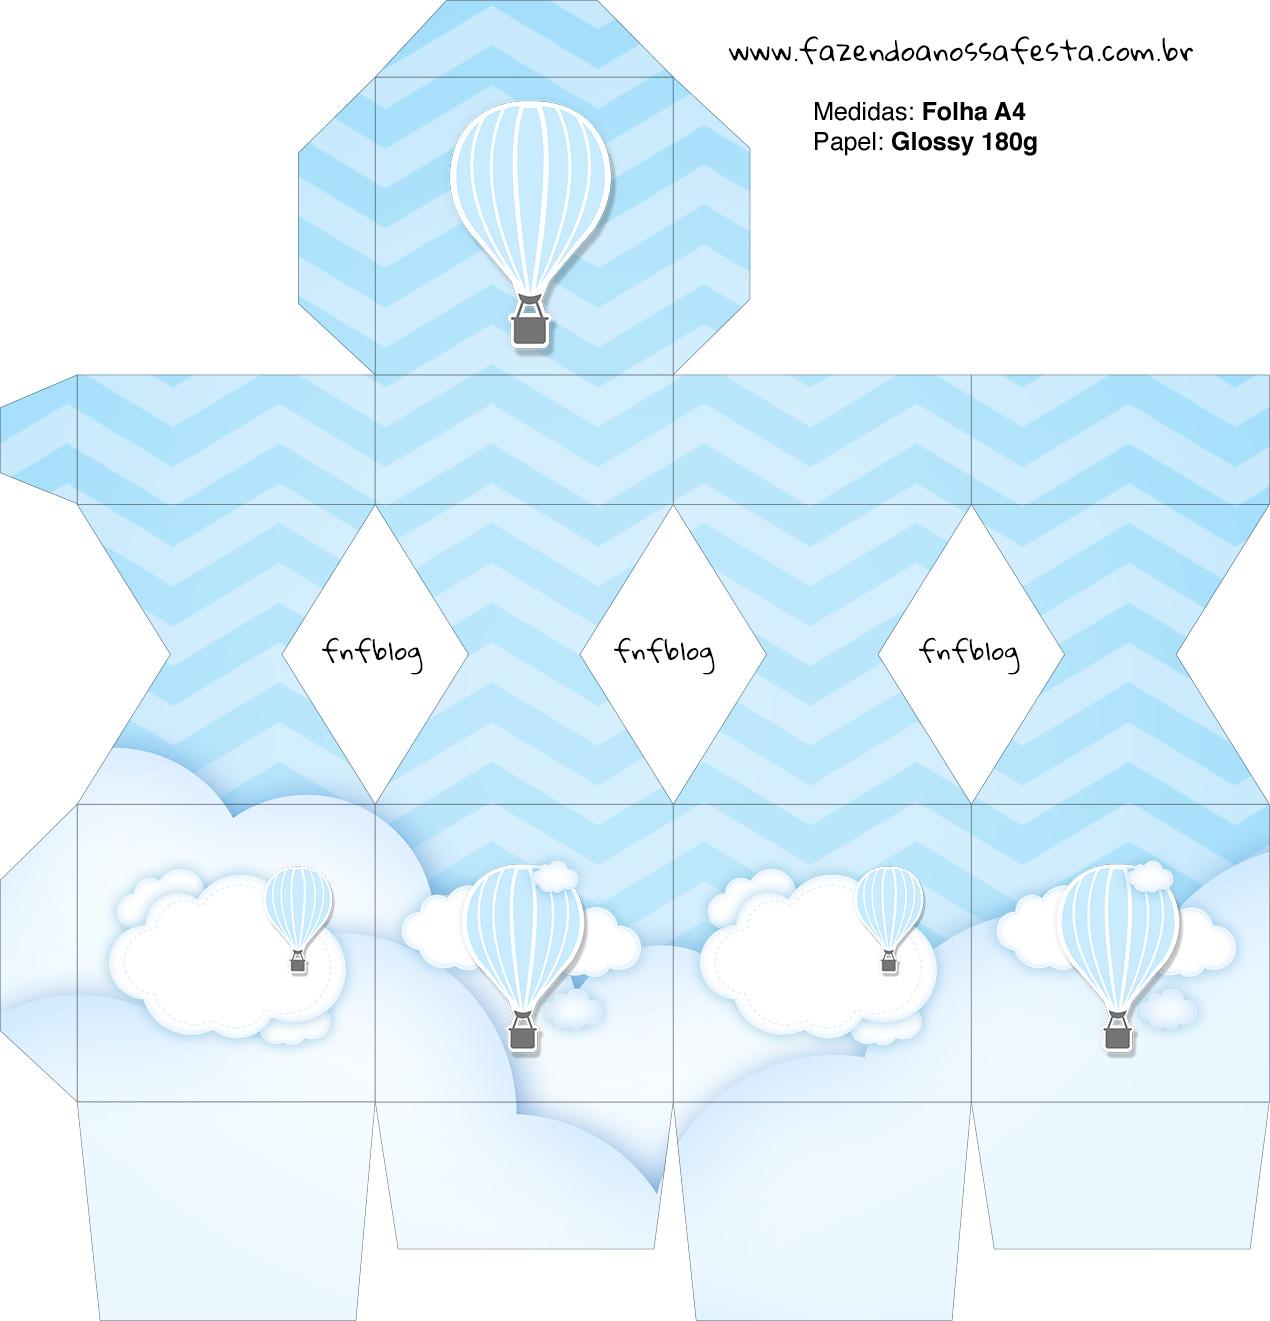 Meia Caixa Bala Balão de Ar Quente Azul